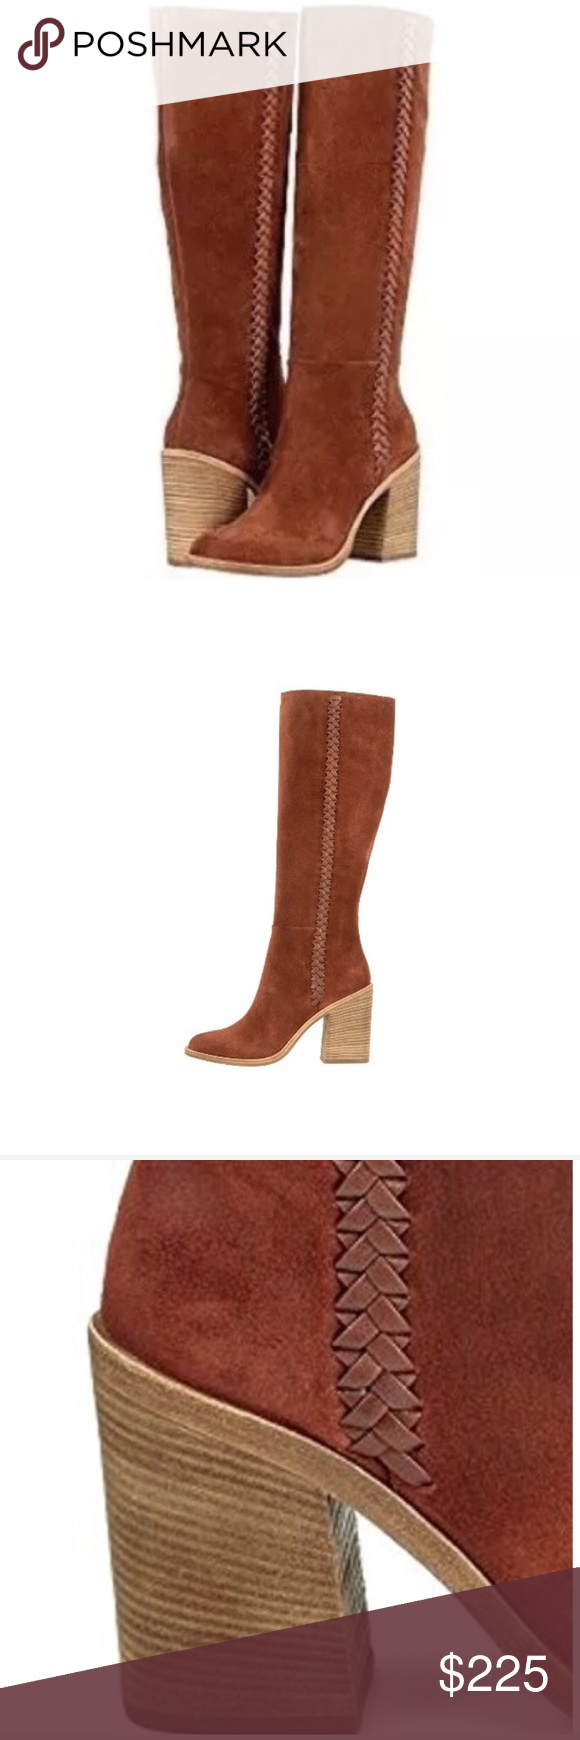 8f8086bfa8b UGG Knee High Mahogany Suede Block Heel Tall Boots UGG Australia ...